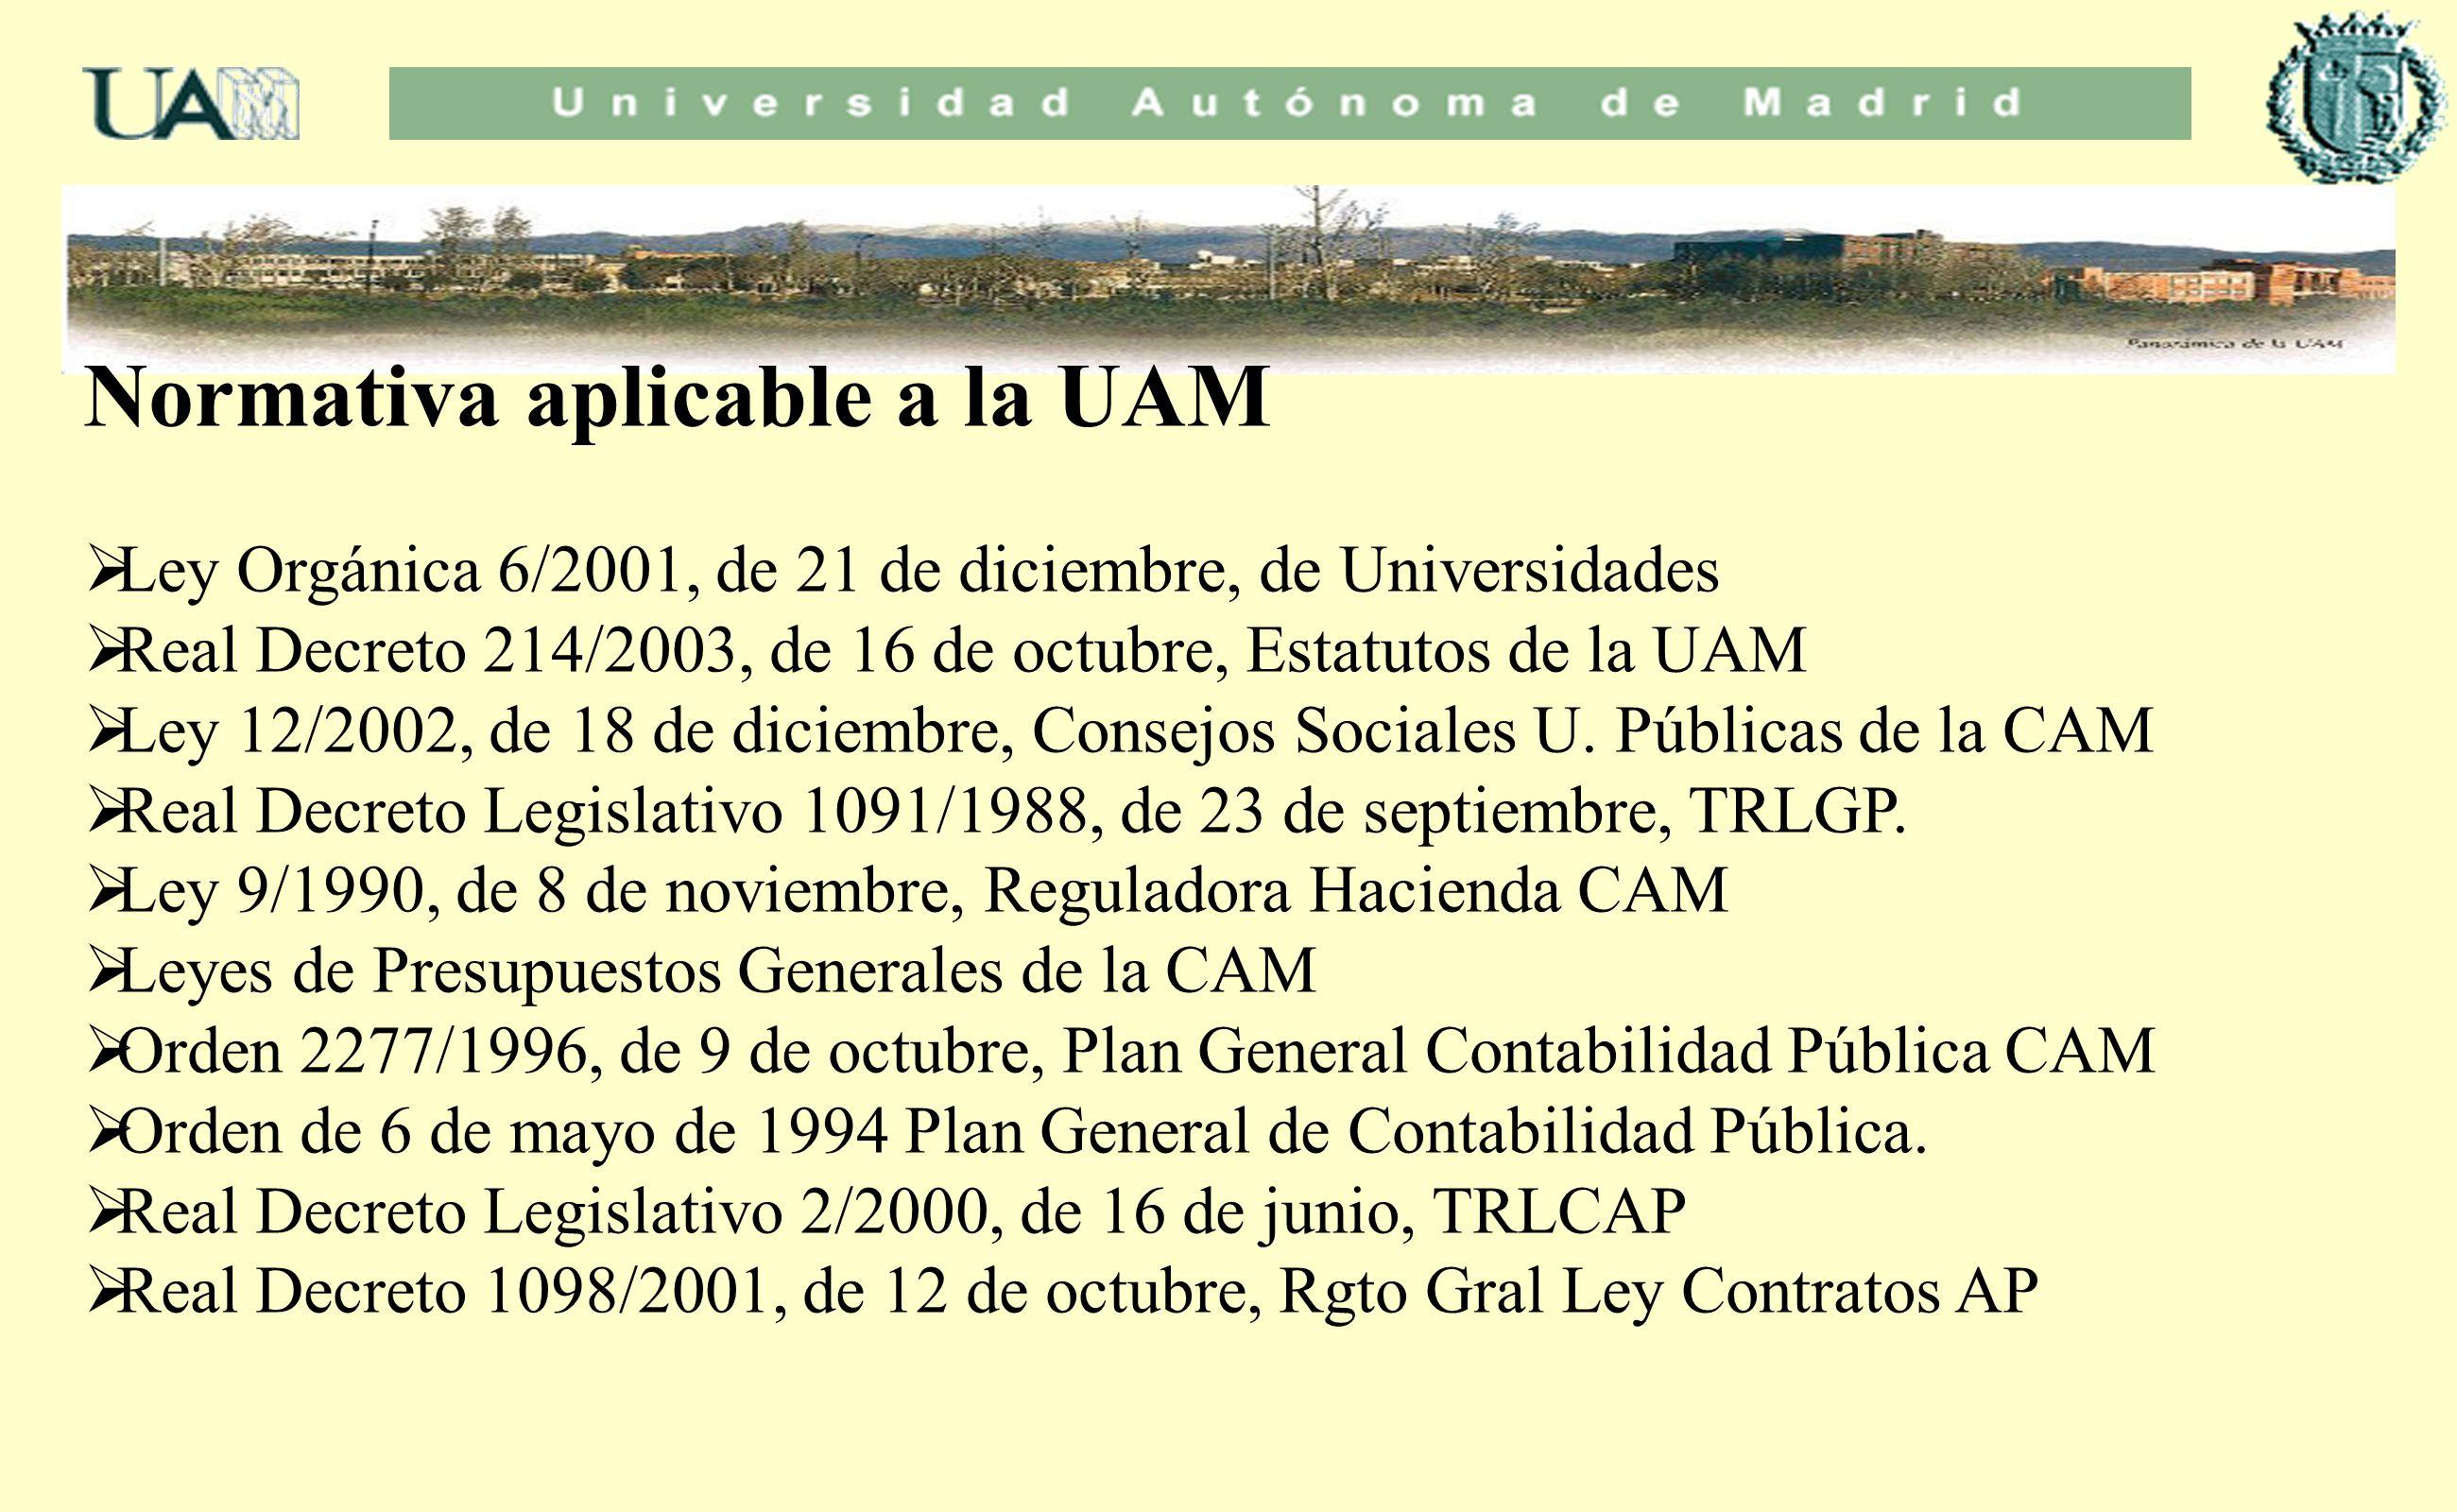 Normativa aplicable a la UAM Ley Orgánica 6/2001, de 21 de diciembre, de Universidades Real Decreto 214/2003, de 16 de octubre, Estatutos de la UAM Le